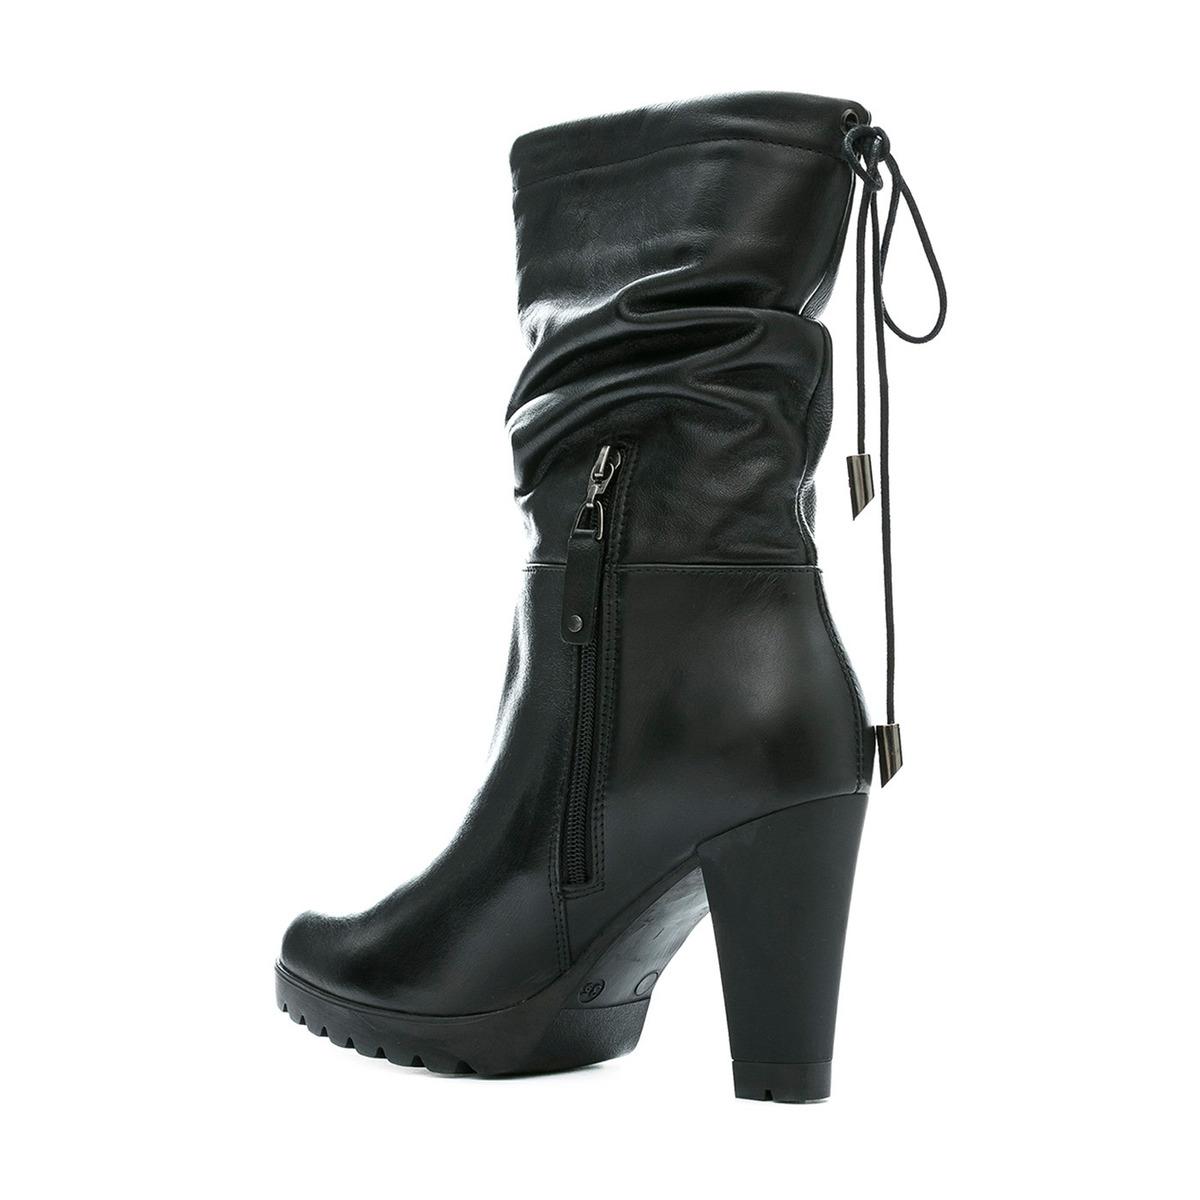 296c85dffbd botas negras dama vélez 1021565. Cargando zoom.